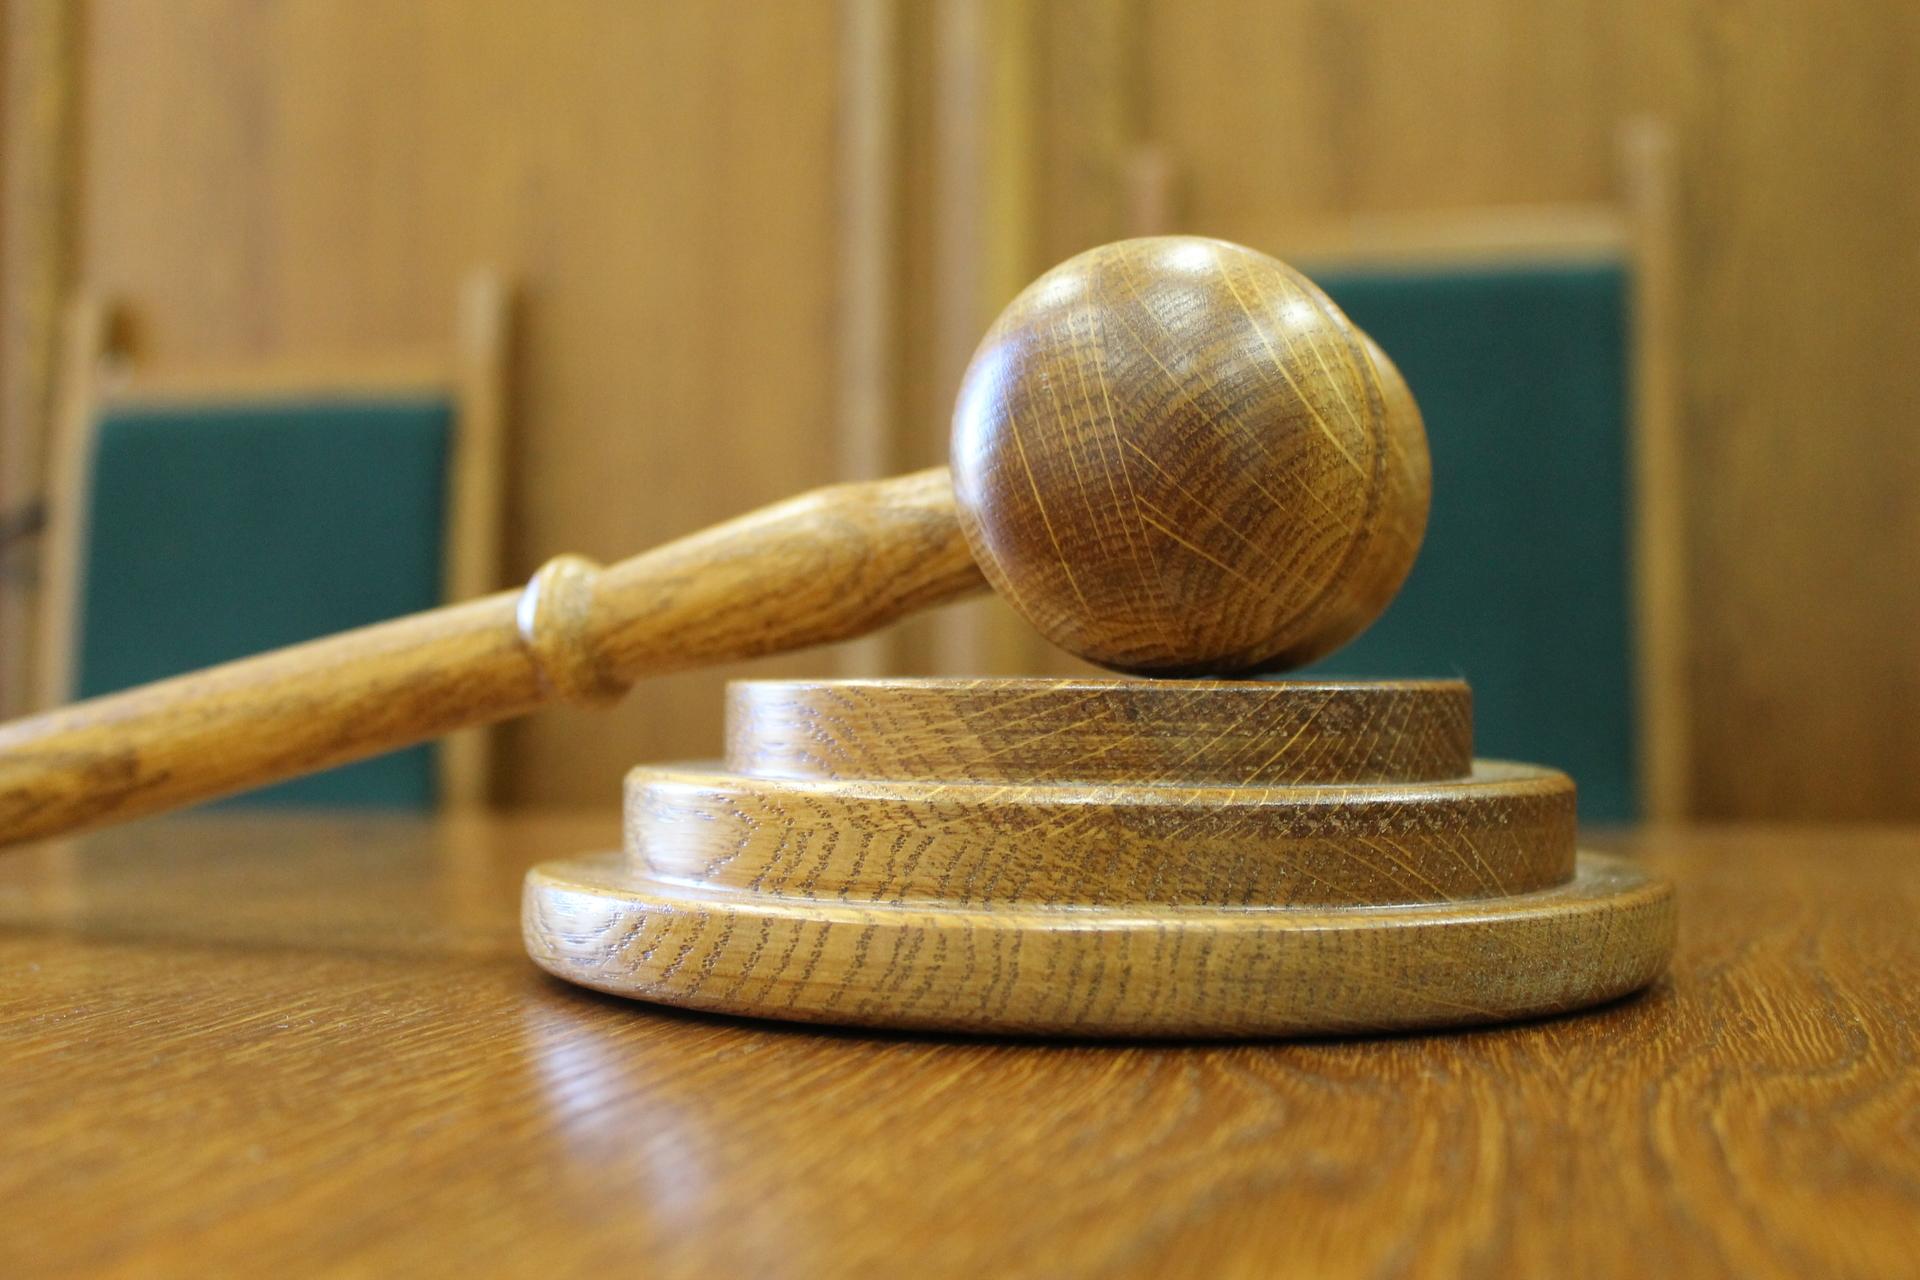 Już 11 członków grupy przestępczej usłyszało zarzuty